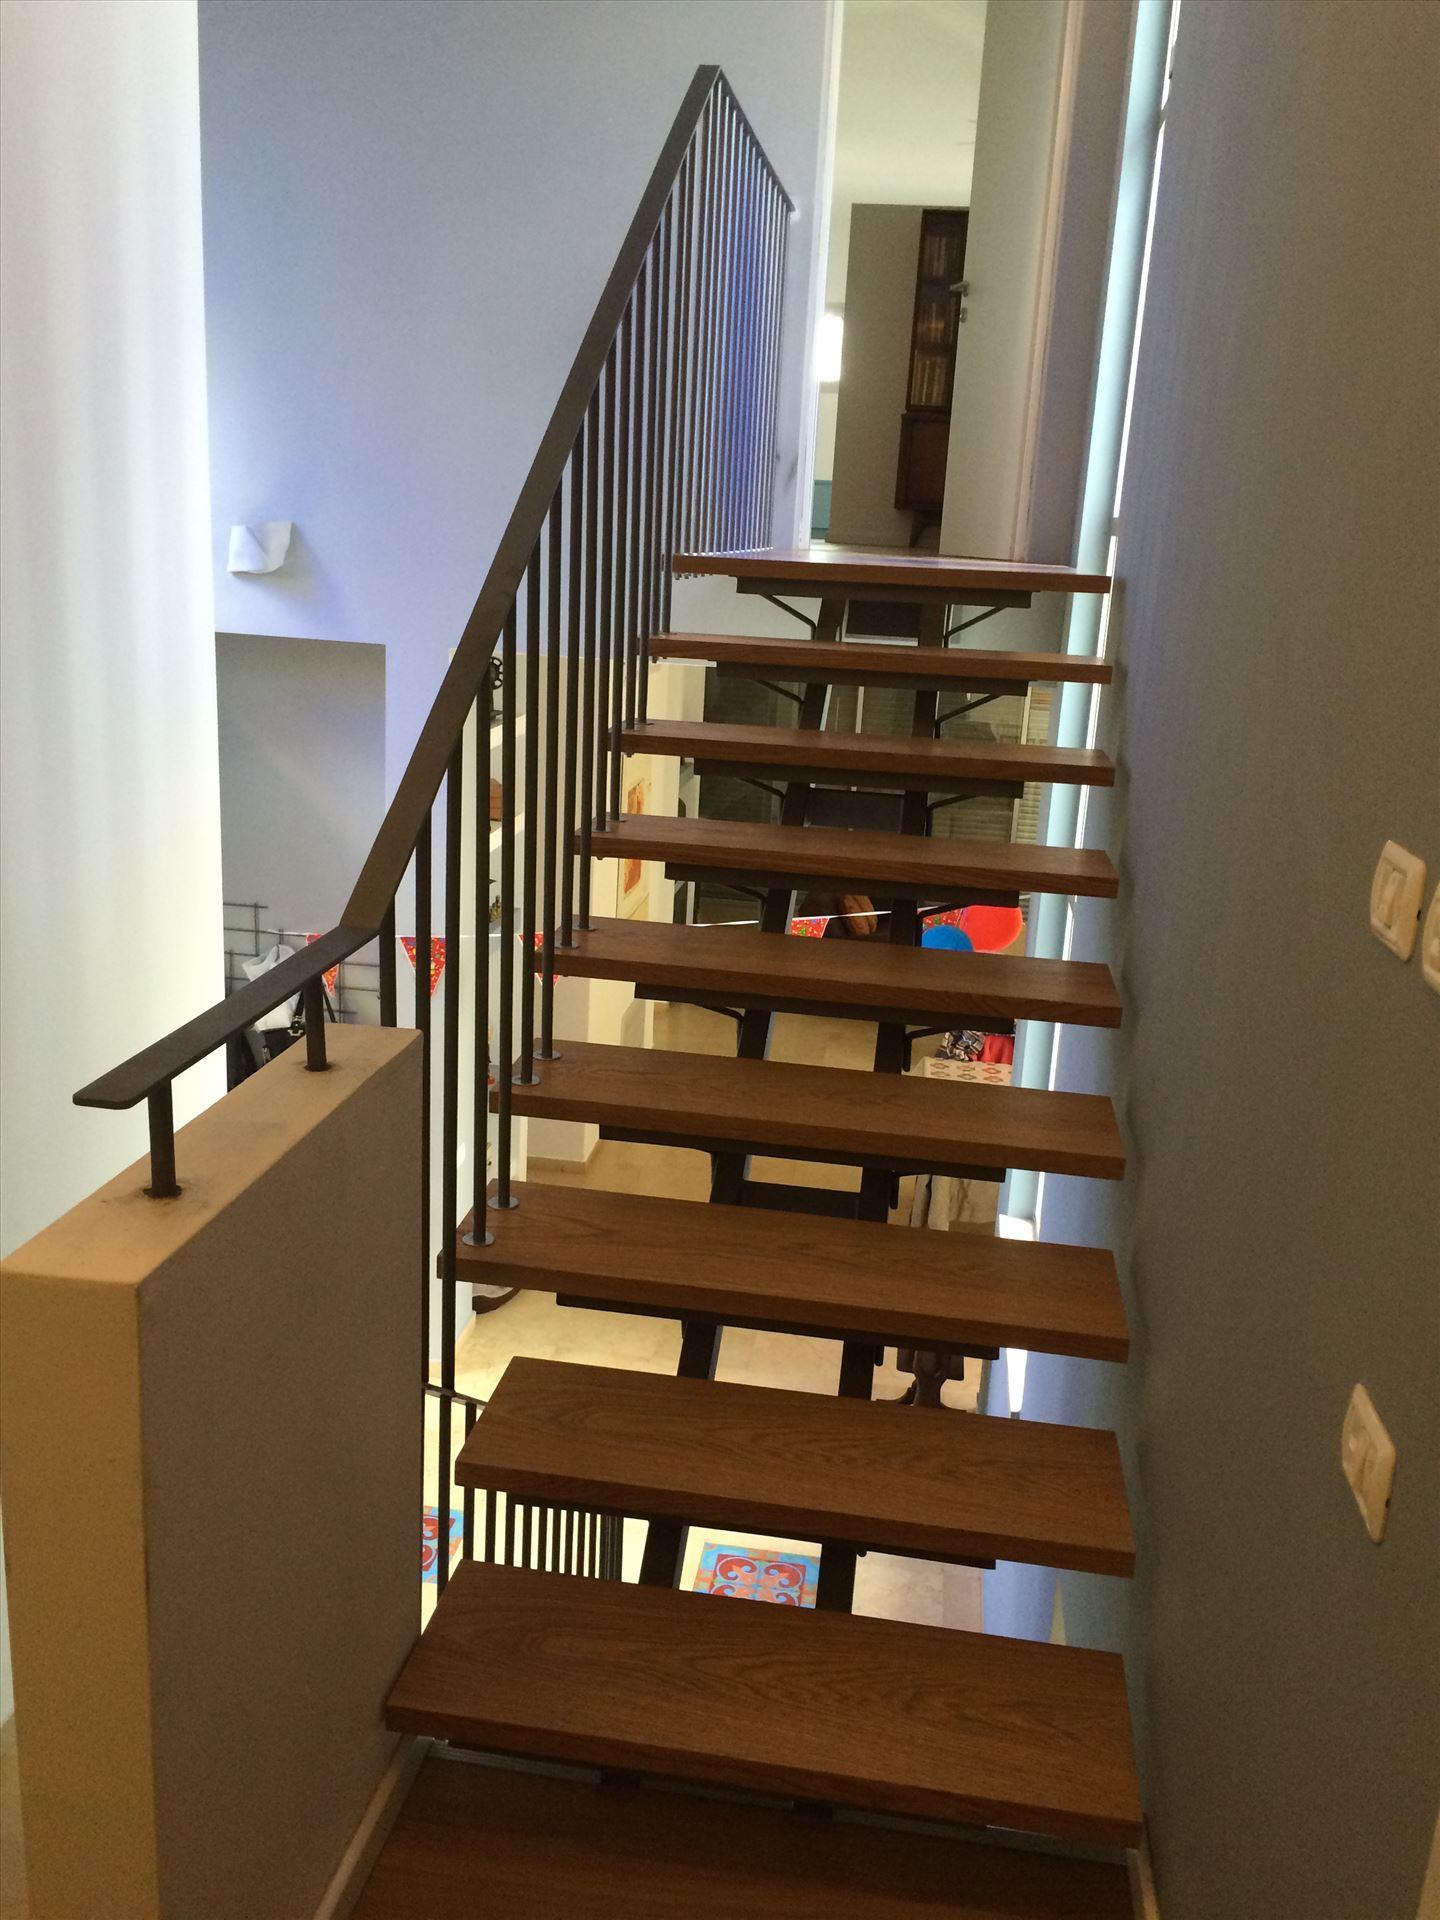 מדרגות ברזל מעוצבות לבית